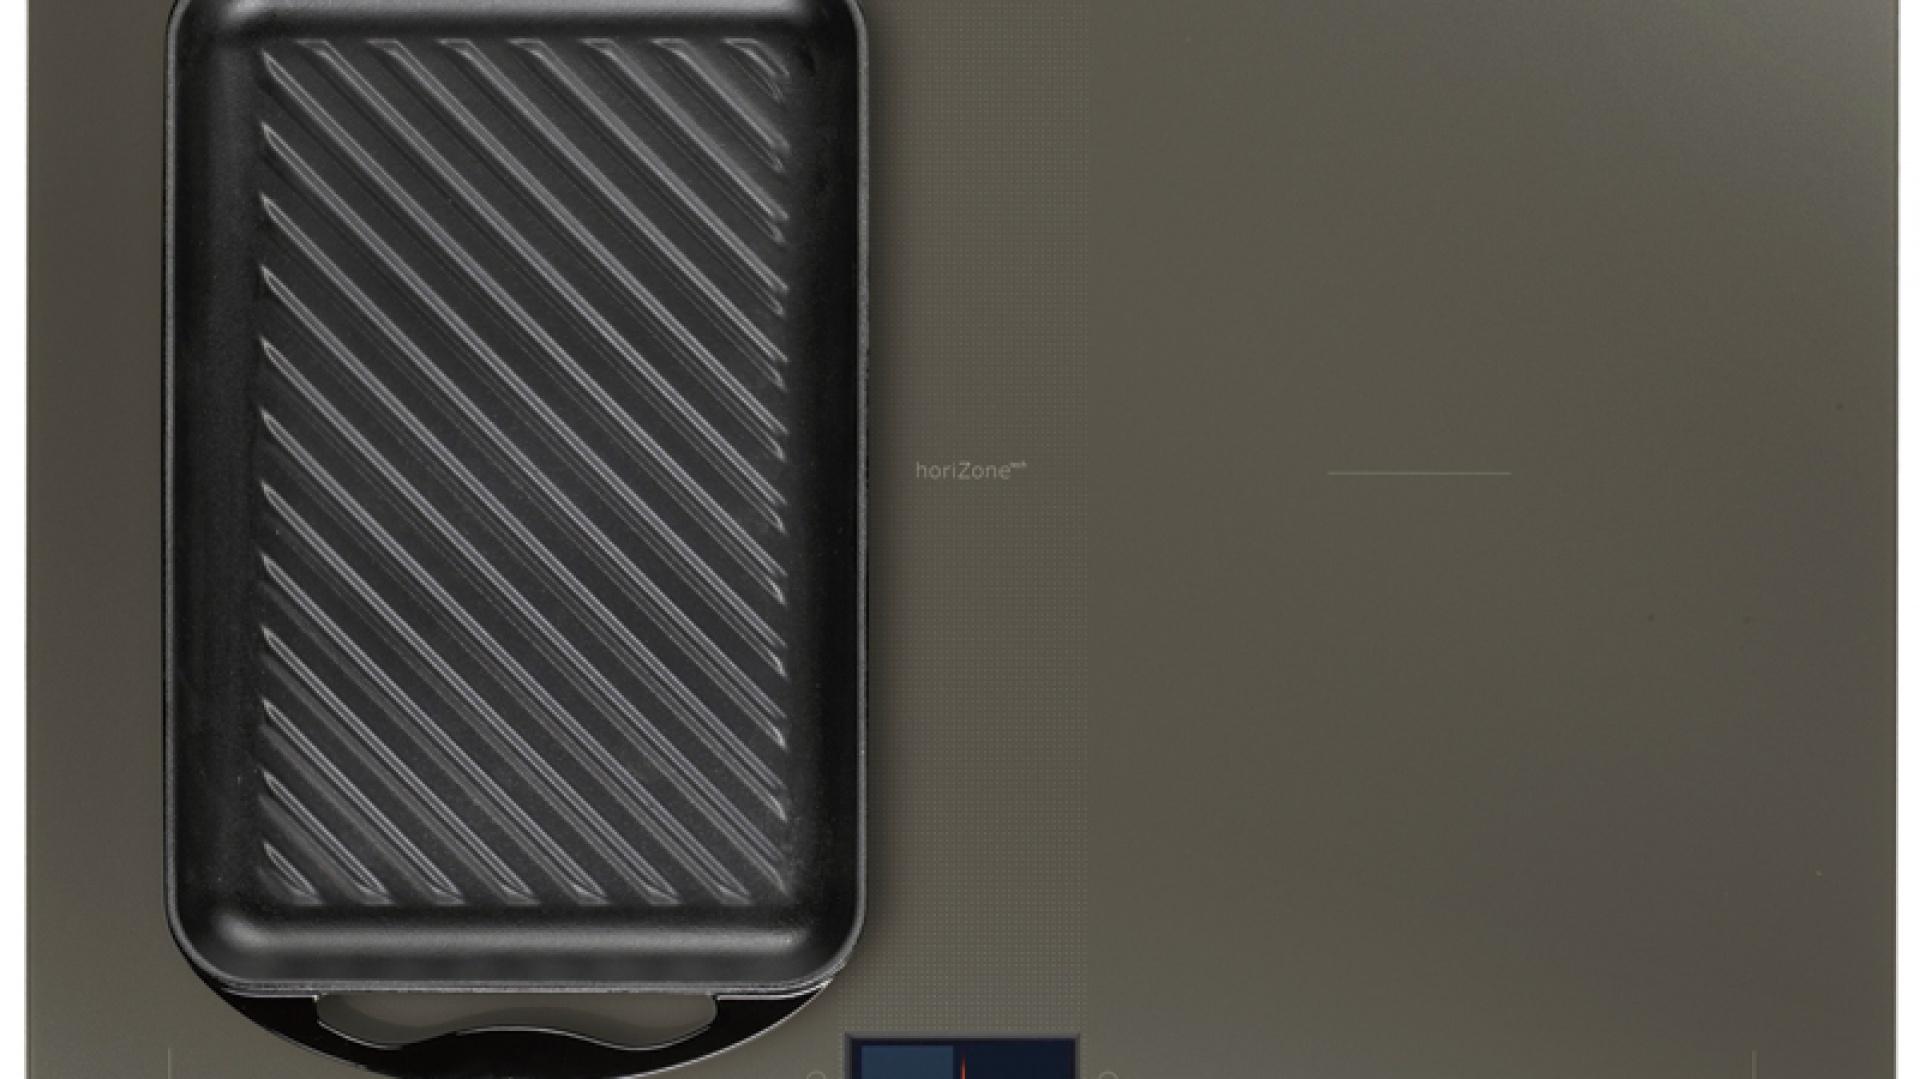 Płyta indukcyjna Horizone Tech I5DE-6000V, dzięki dołączonemu wysokiej jakości grillowi żeliwnemu pozwala przygotować grillowane dania, kiedy tylko najdzie nas ochota. Cena: ok. 3.100 zł, Mastercook.